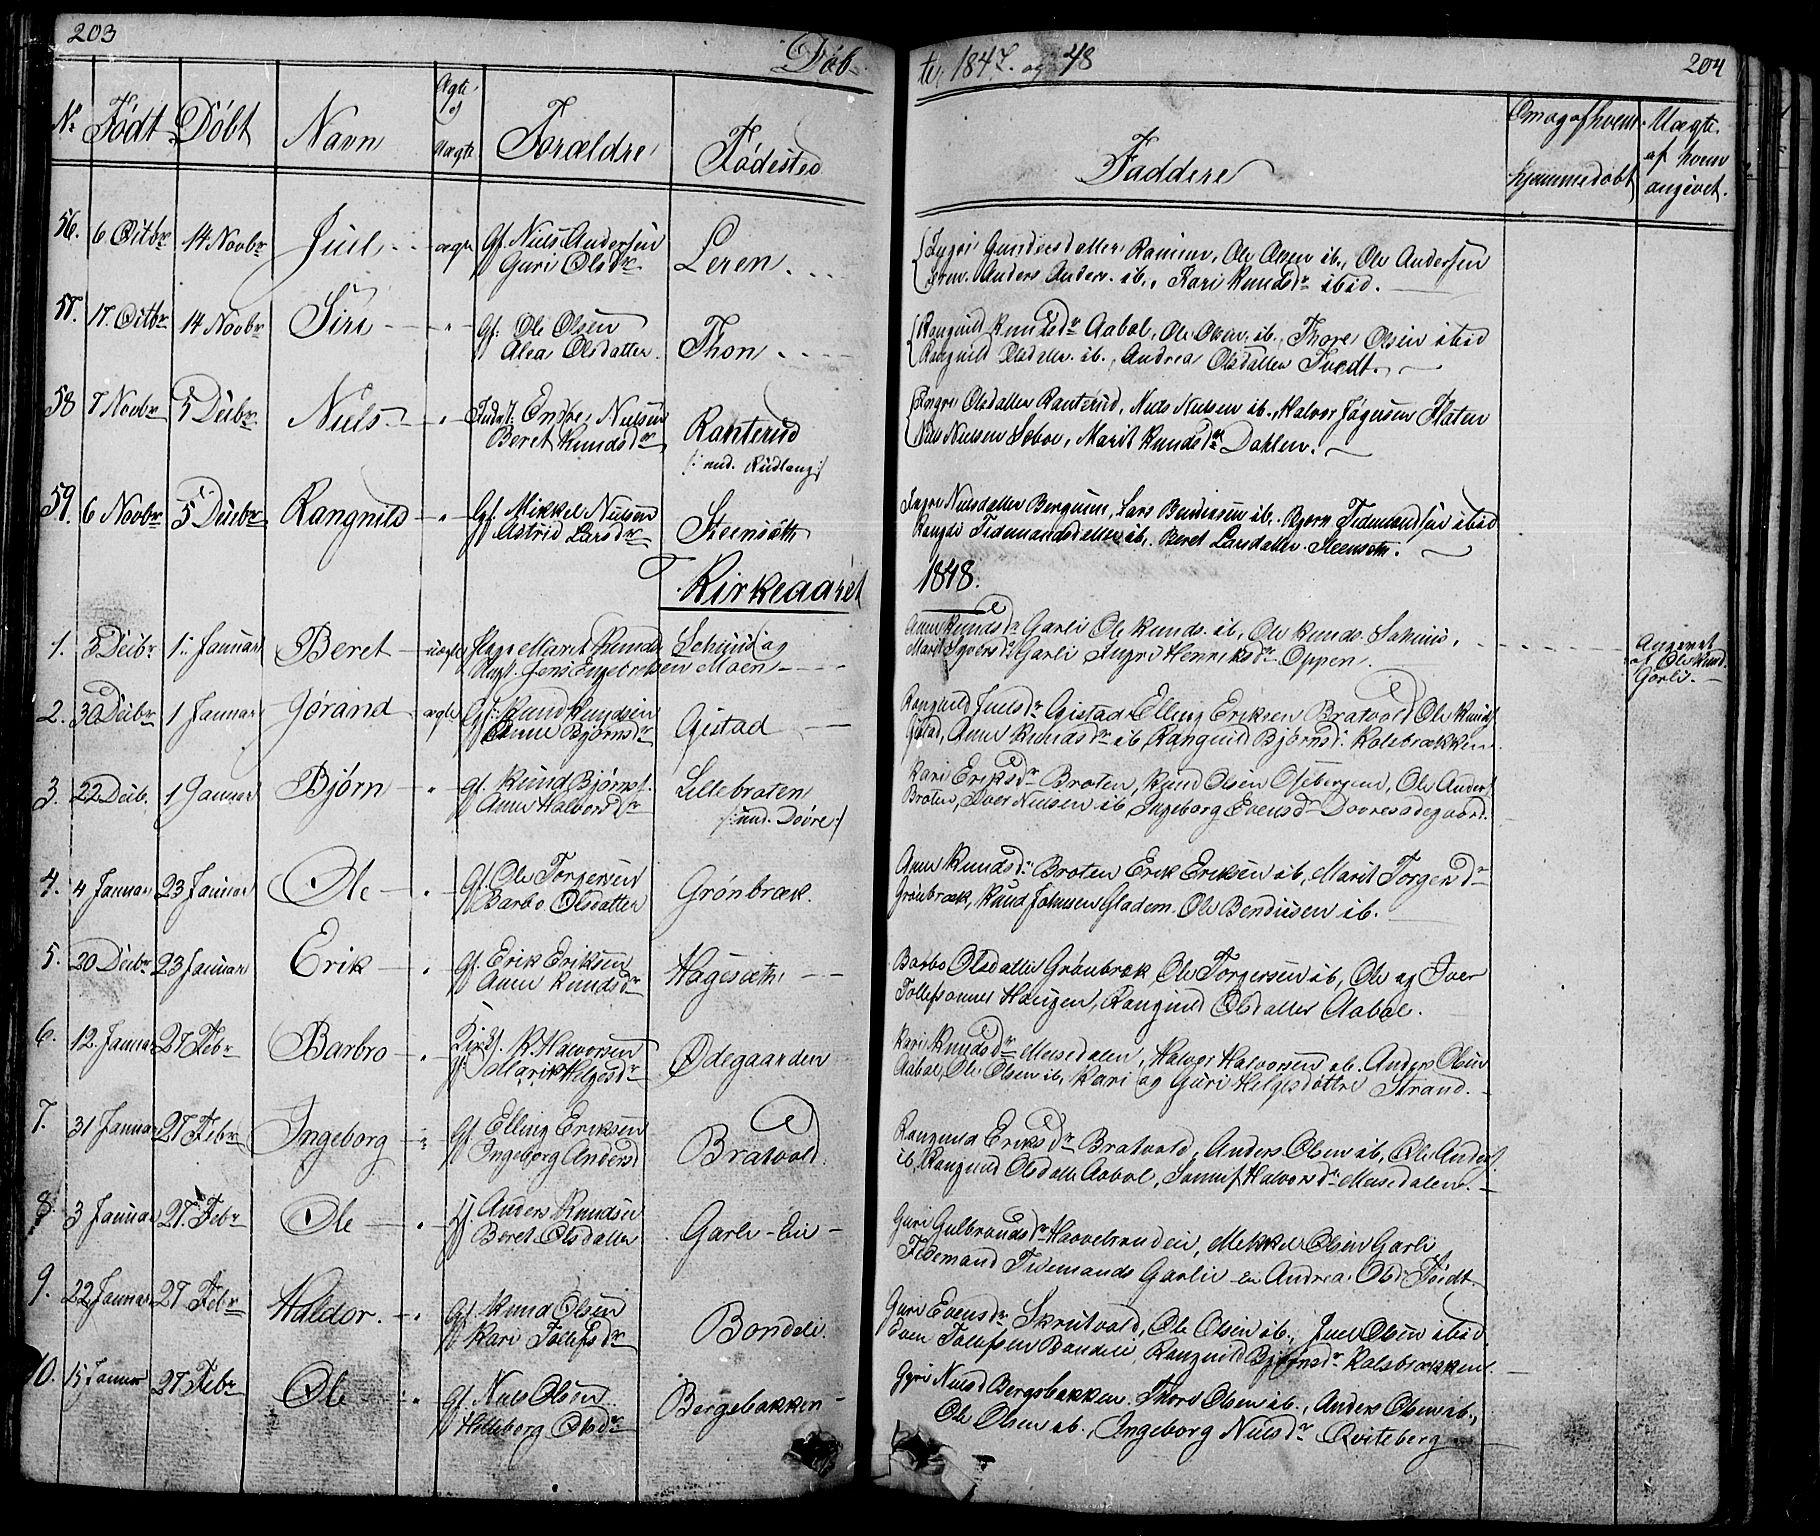 SAH, Nord-Aurdal prestekontor, Klokkerbok nr. 1, 1834-1887, s. 203-204